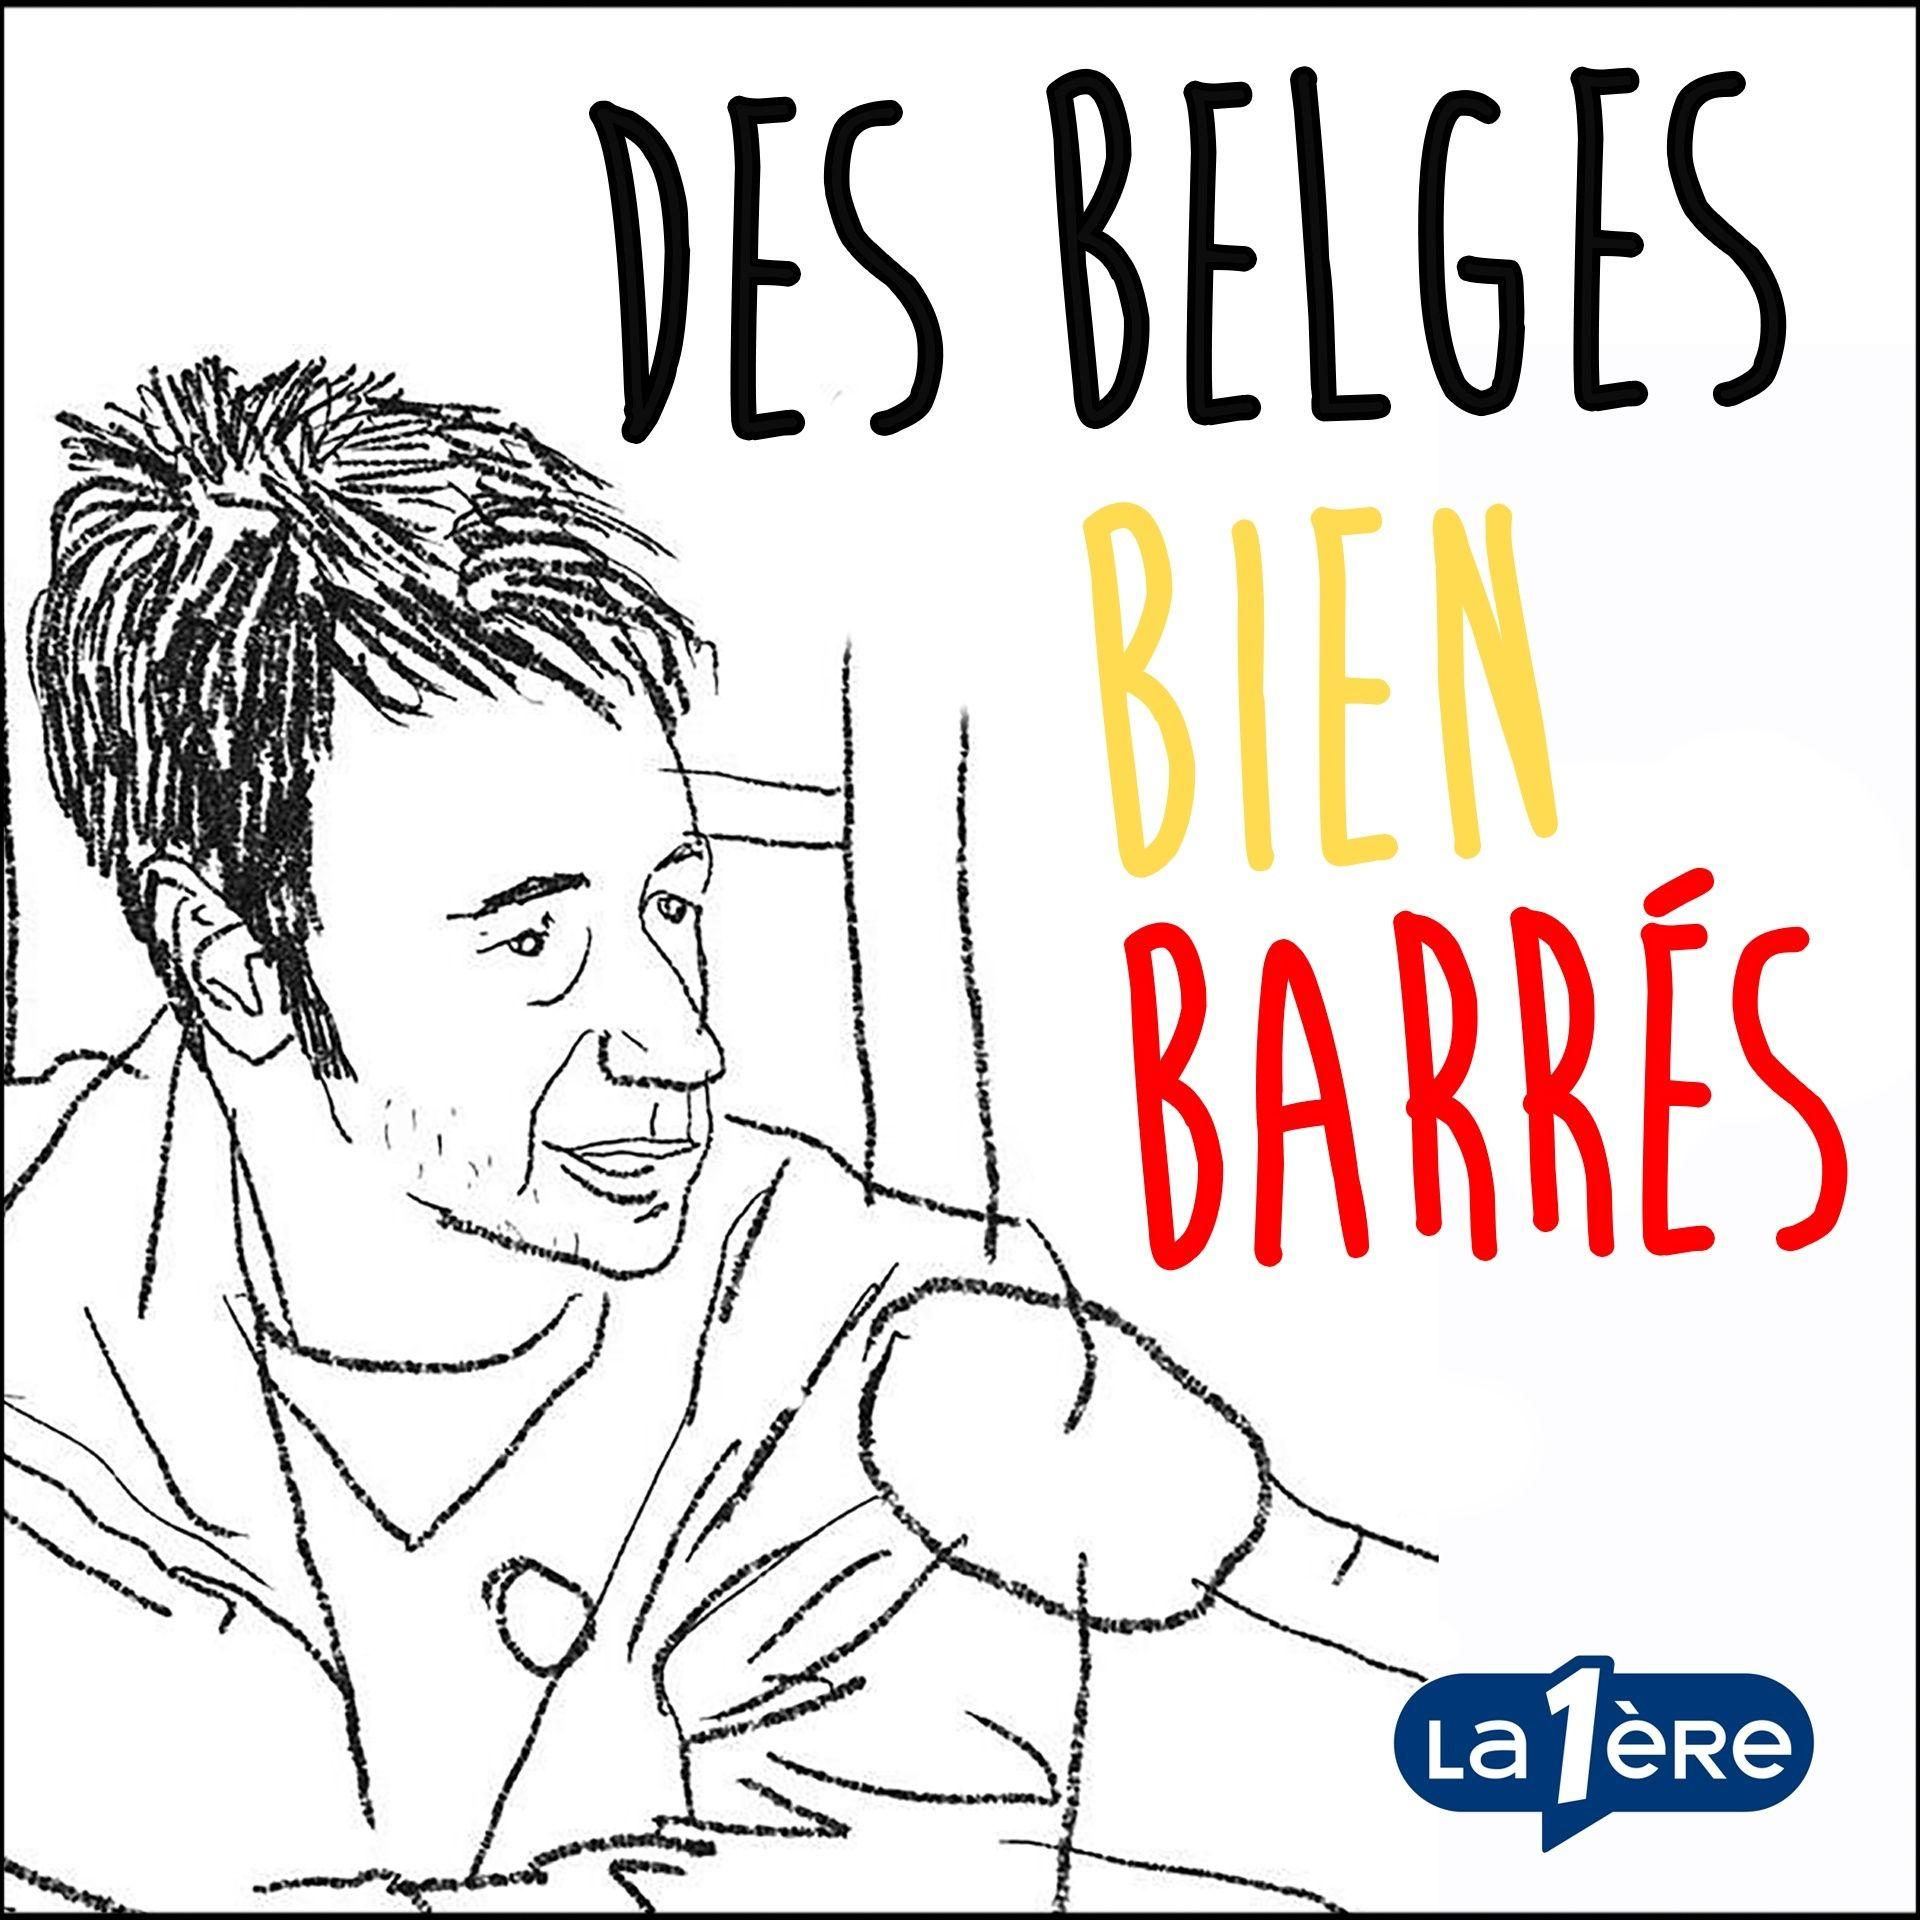 Des Belges bien barrés